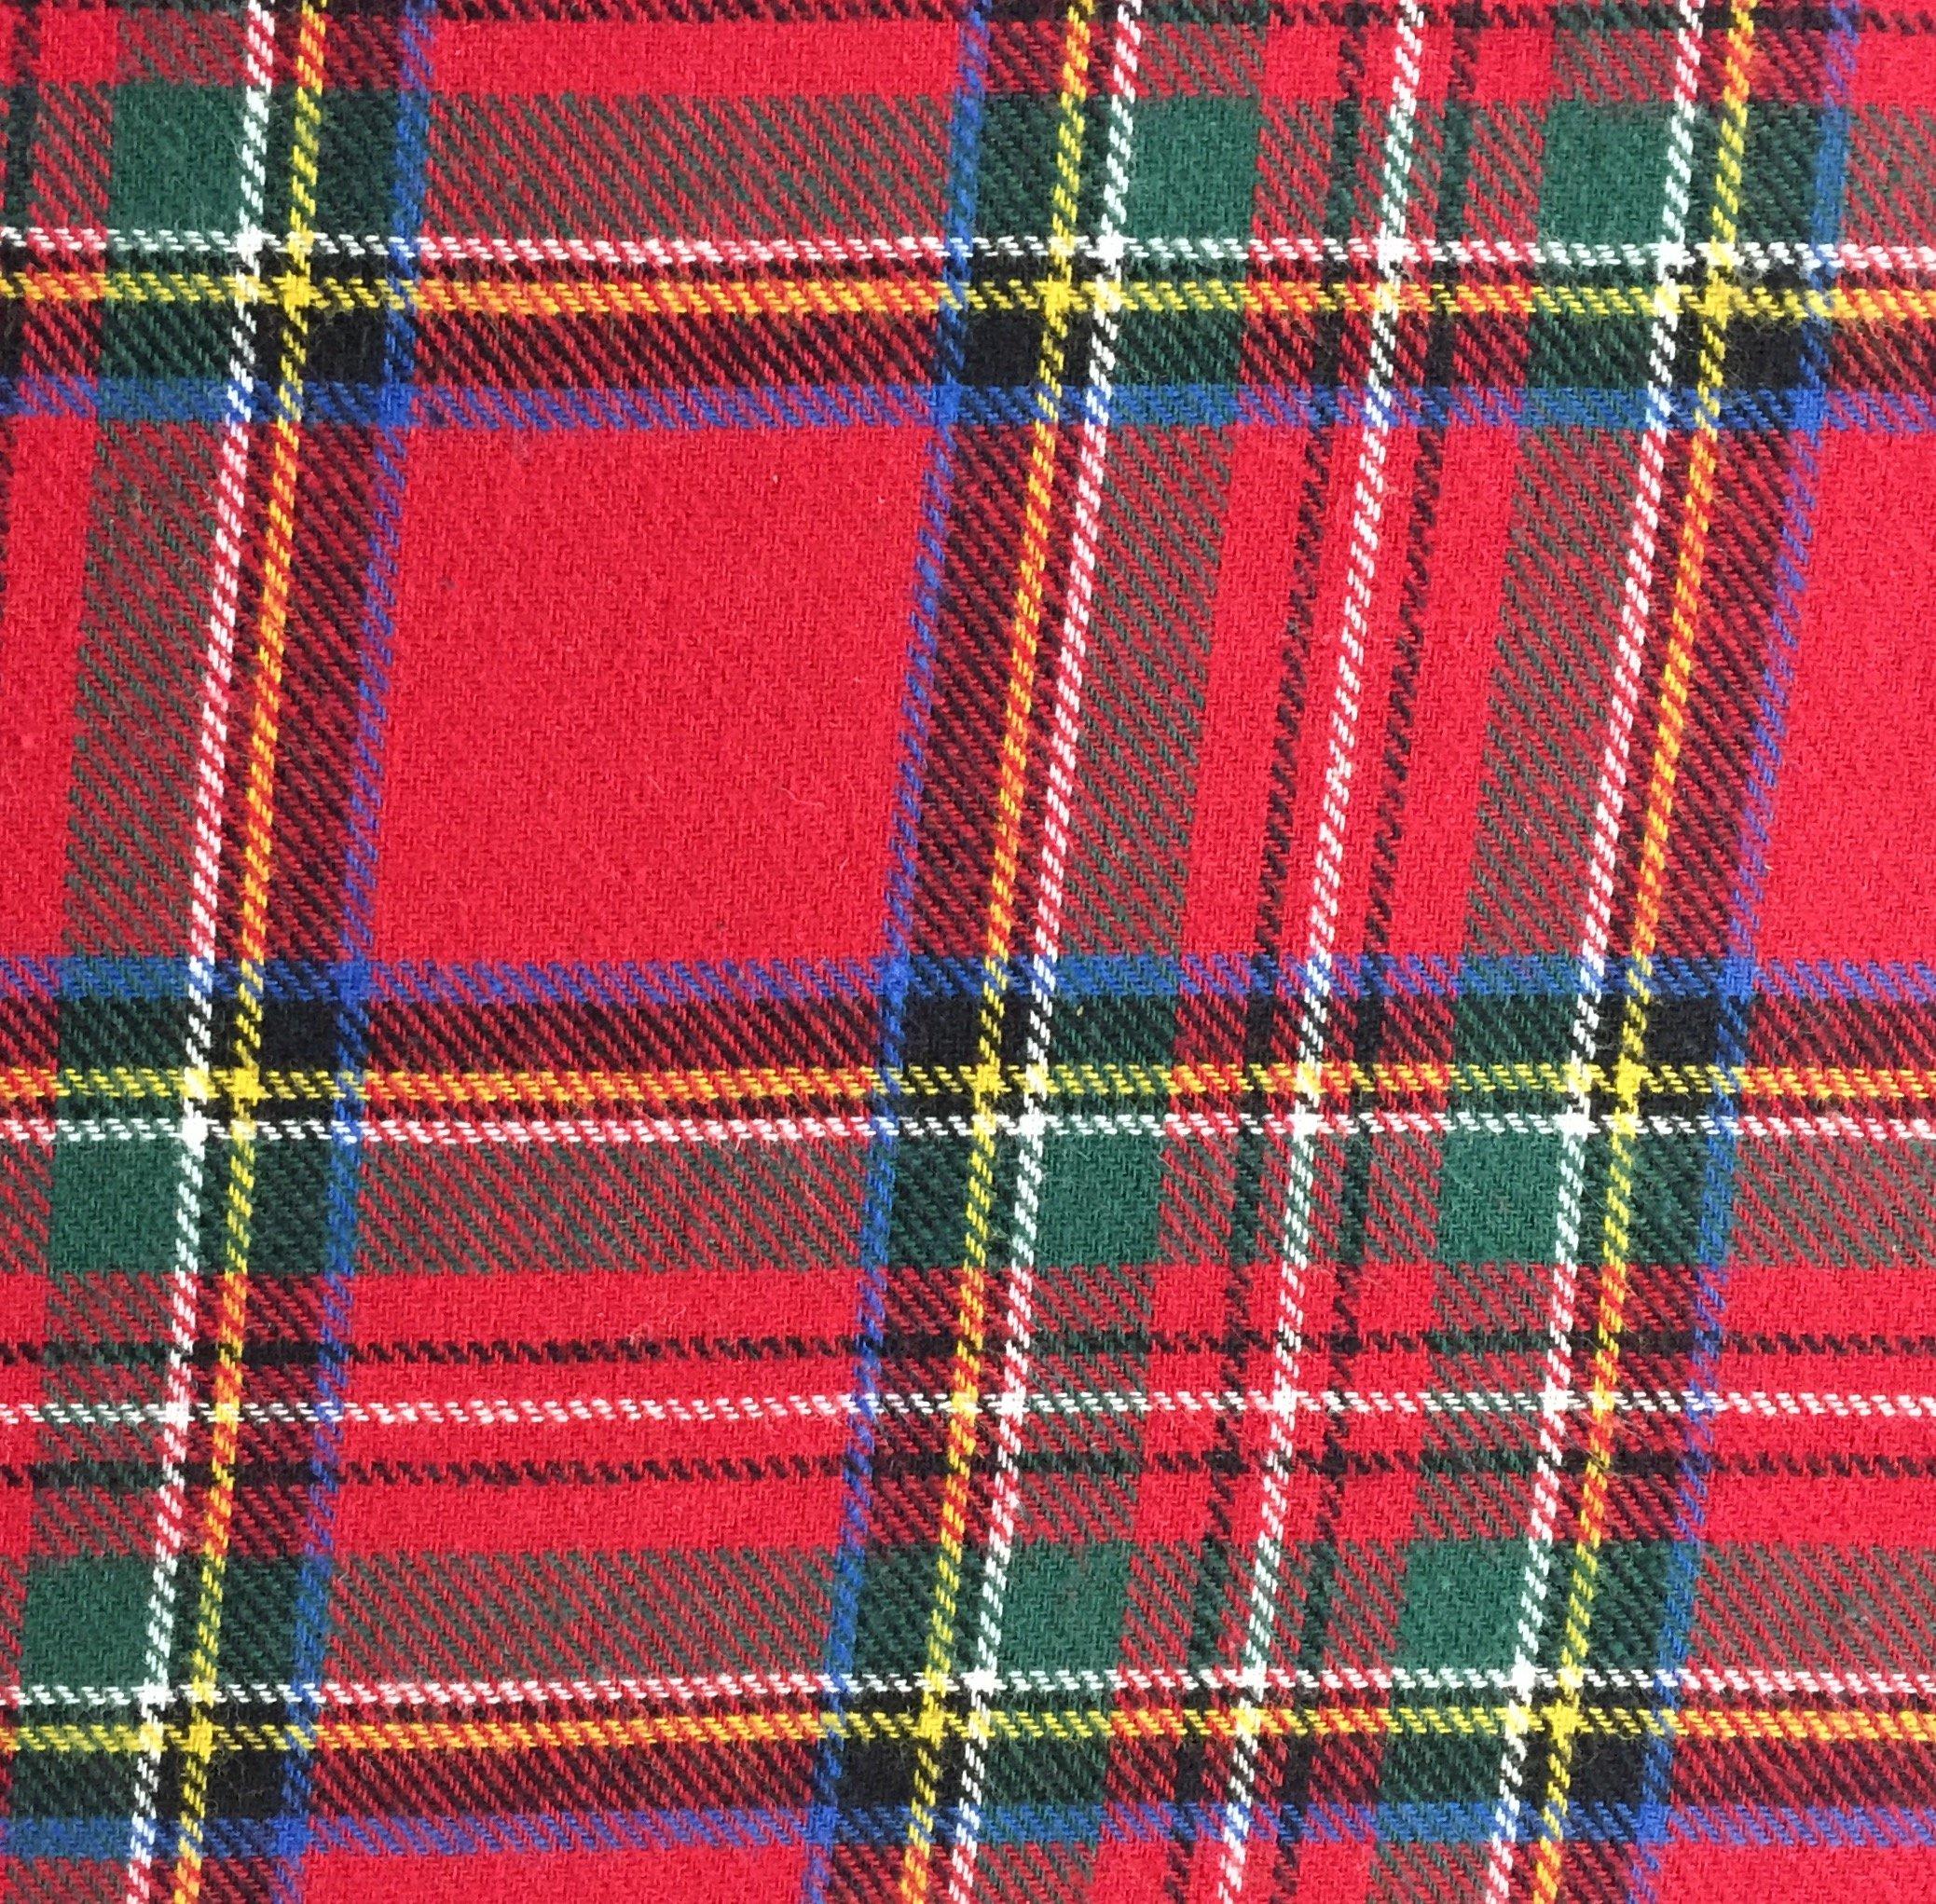 5 Yard Bolt Royal Stewart Plaid Flannel Cotton Fabric